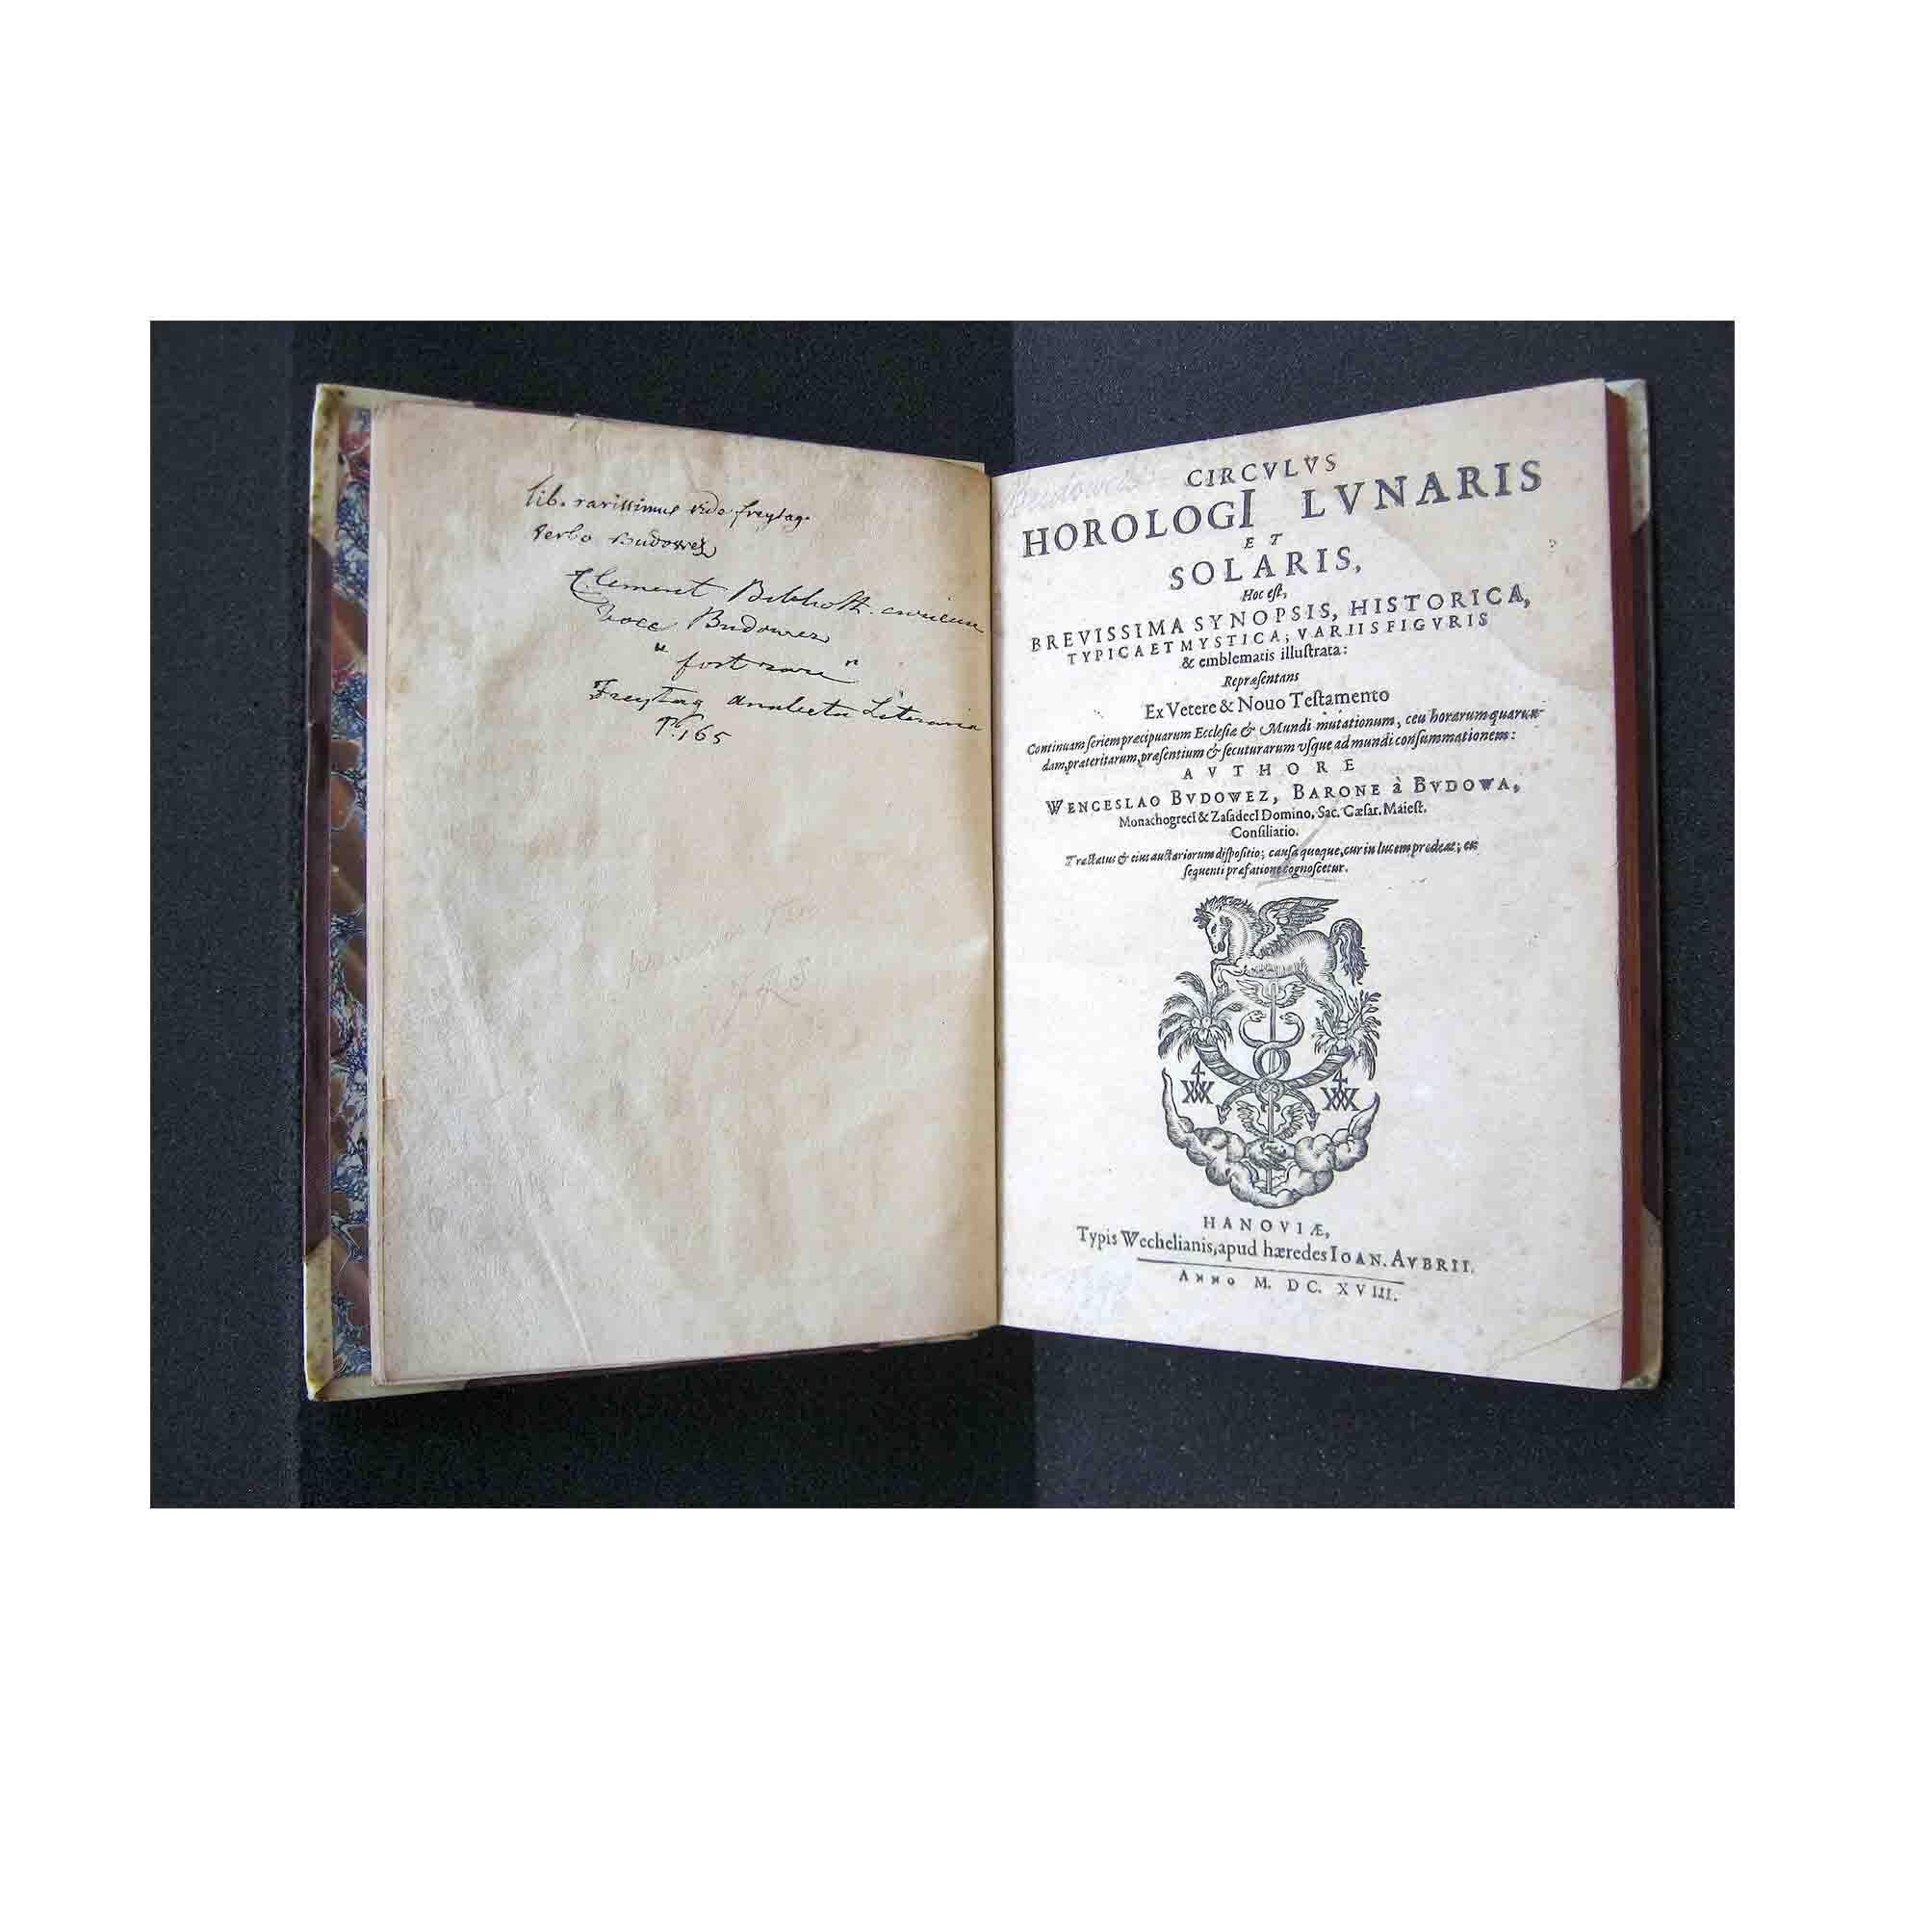 5701 Budowetz Circulus Horologi Lunaris Solaris 1616 Title N